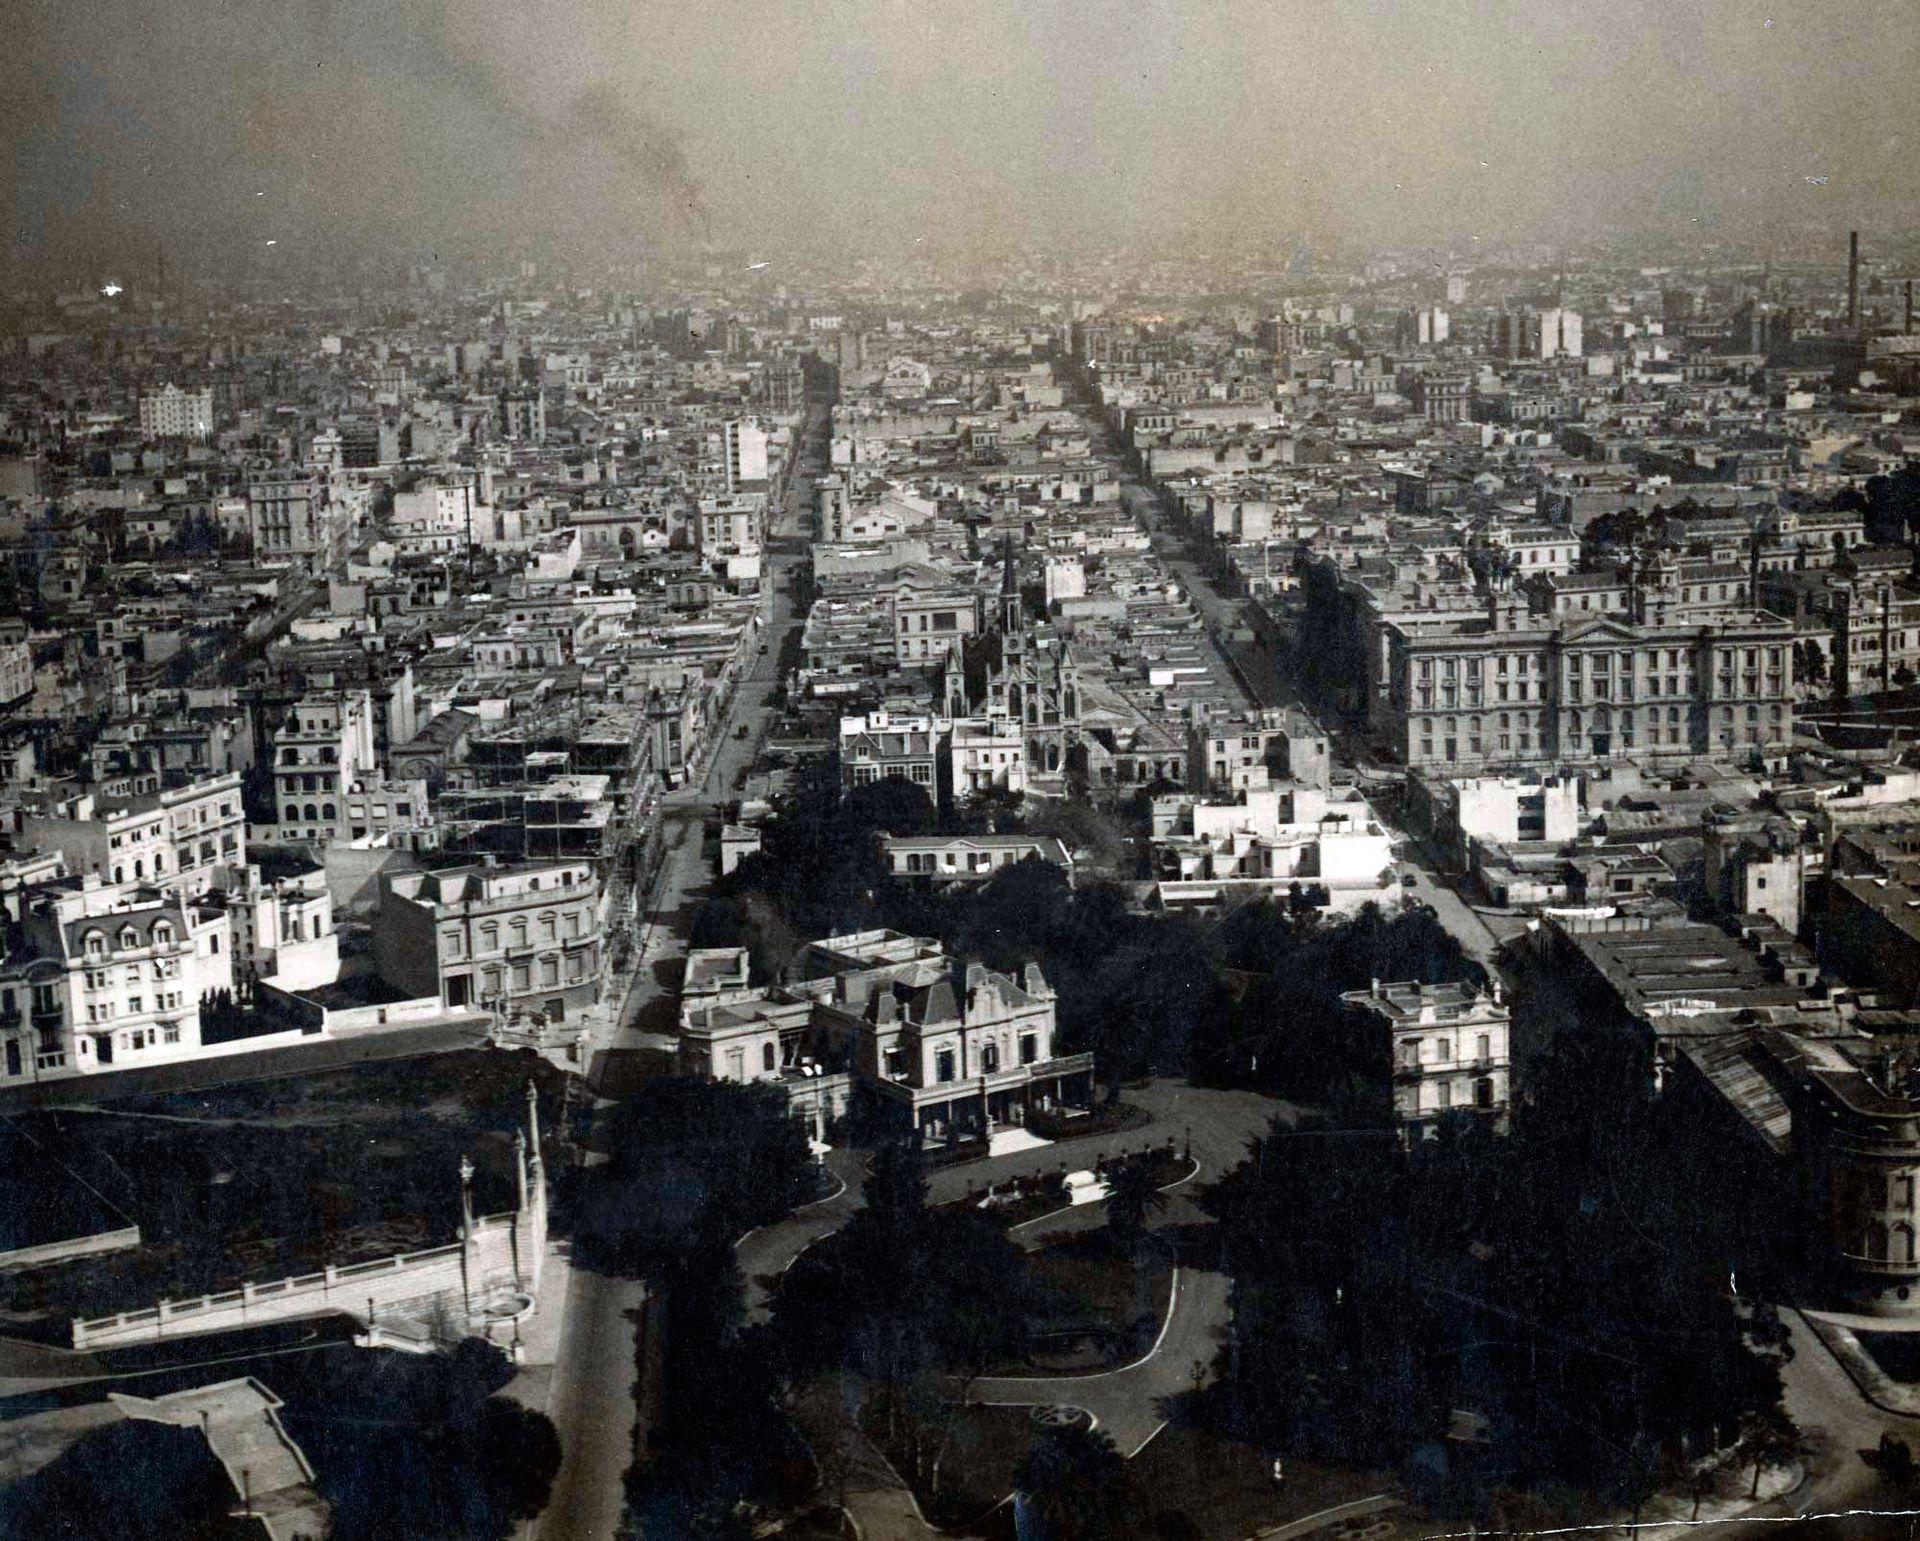 Vista aérea de la residencia. Las calles que se ven son Agüero y Austria. La Av. Las Heras se adivina apenas en el lugar donde está la iglesia San Agustín. Finales de la década de 1920.